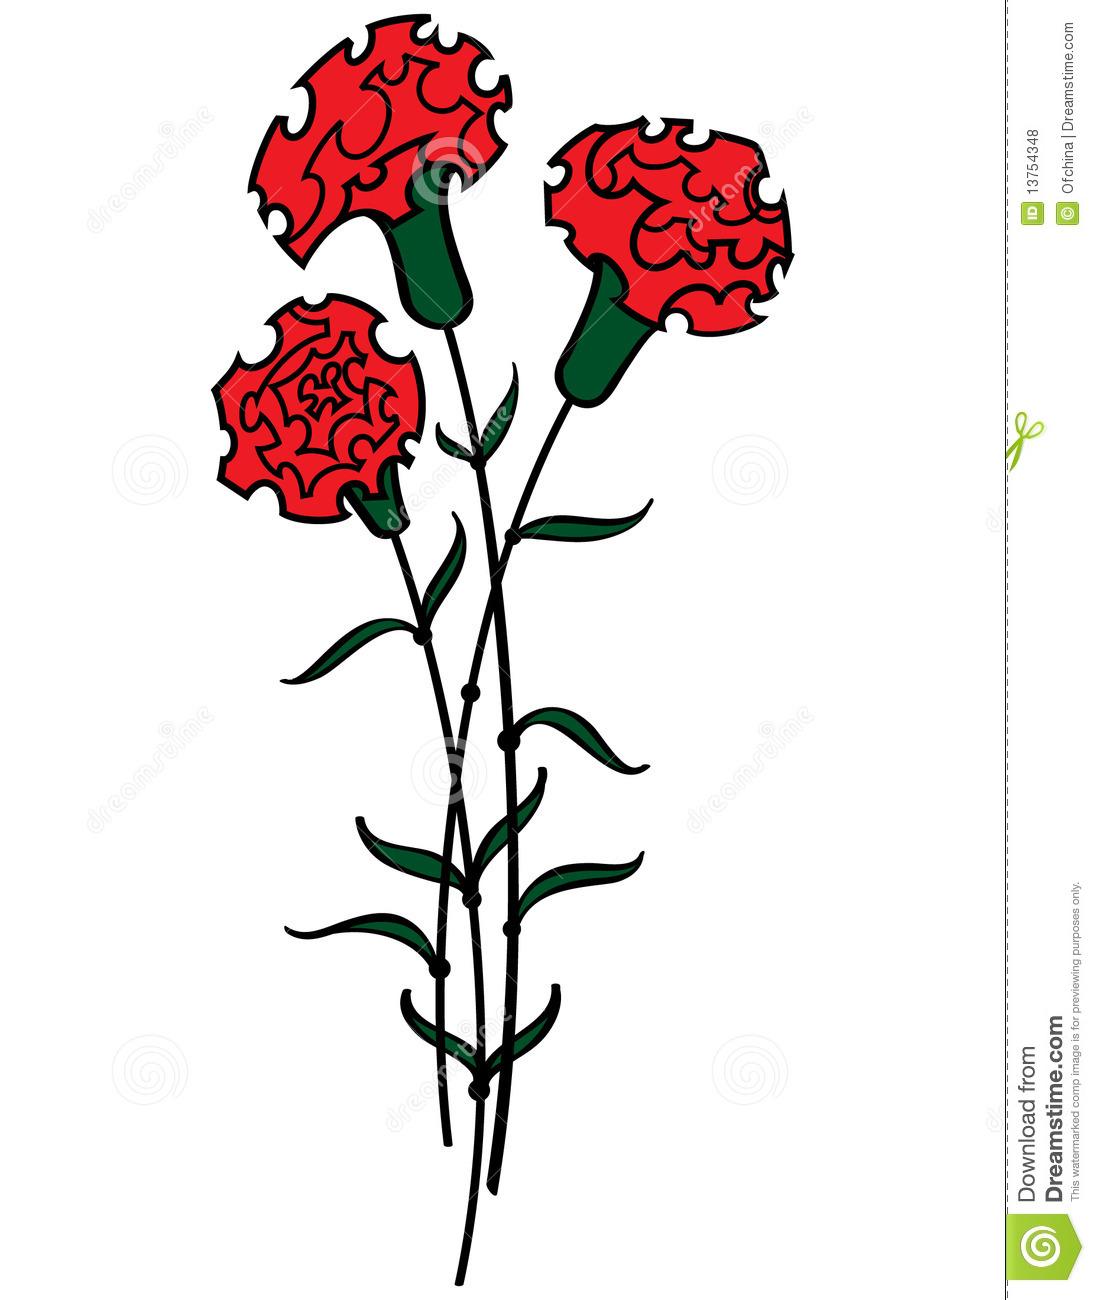 Carnation Clip Art - Carnation Clip Art